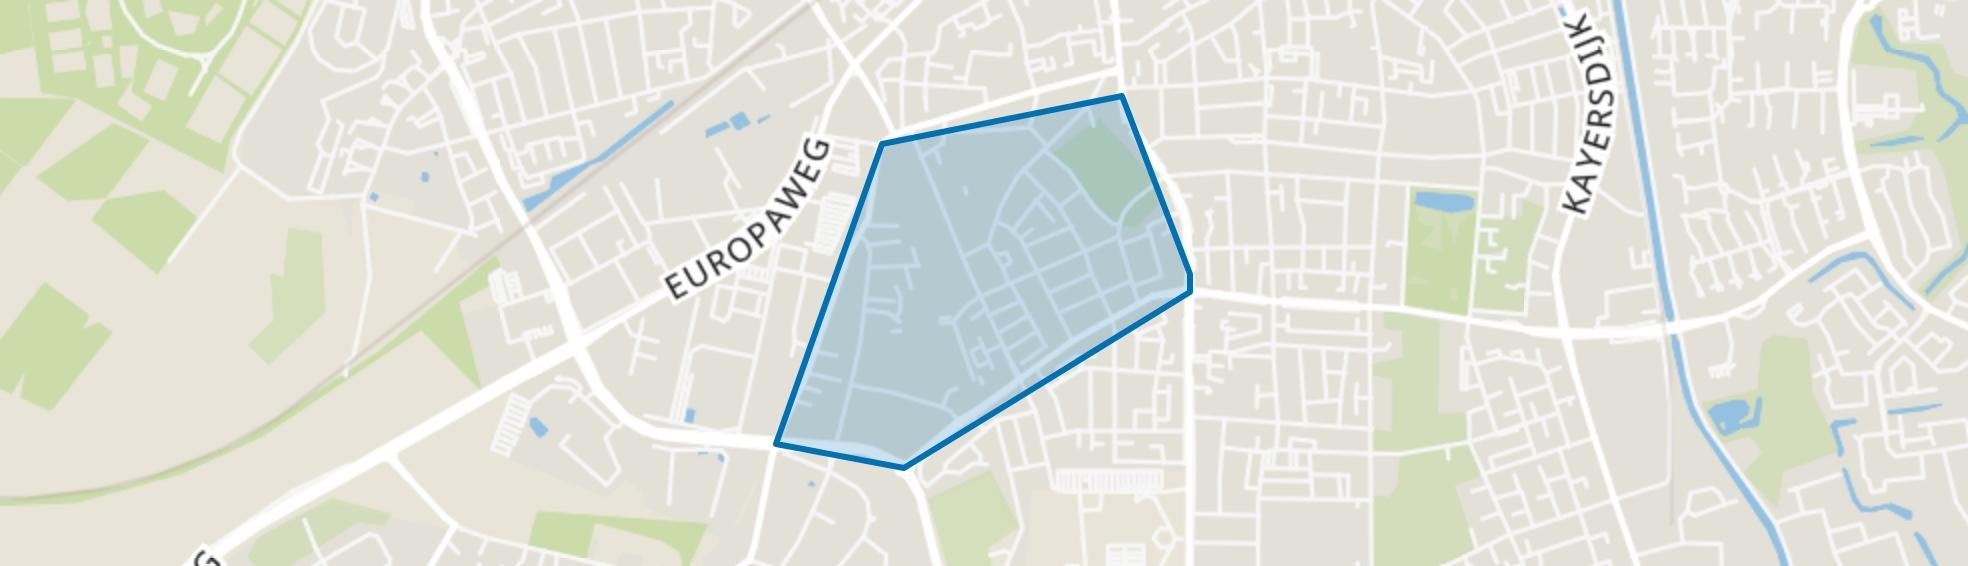 Westenenk, Apeldoorn map